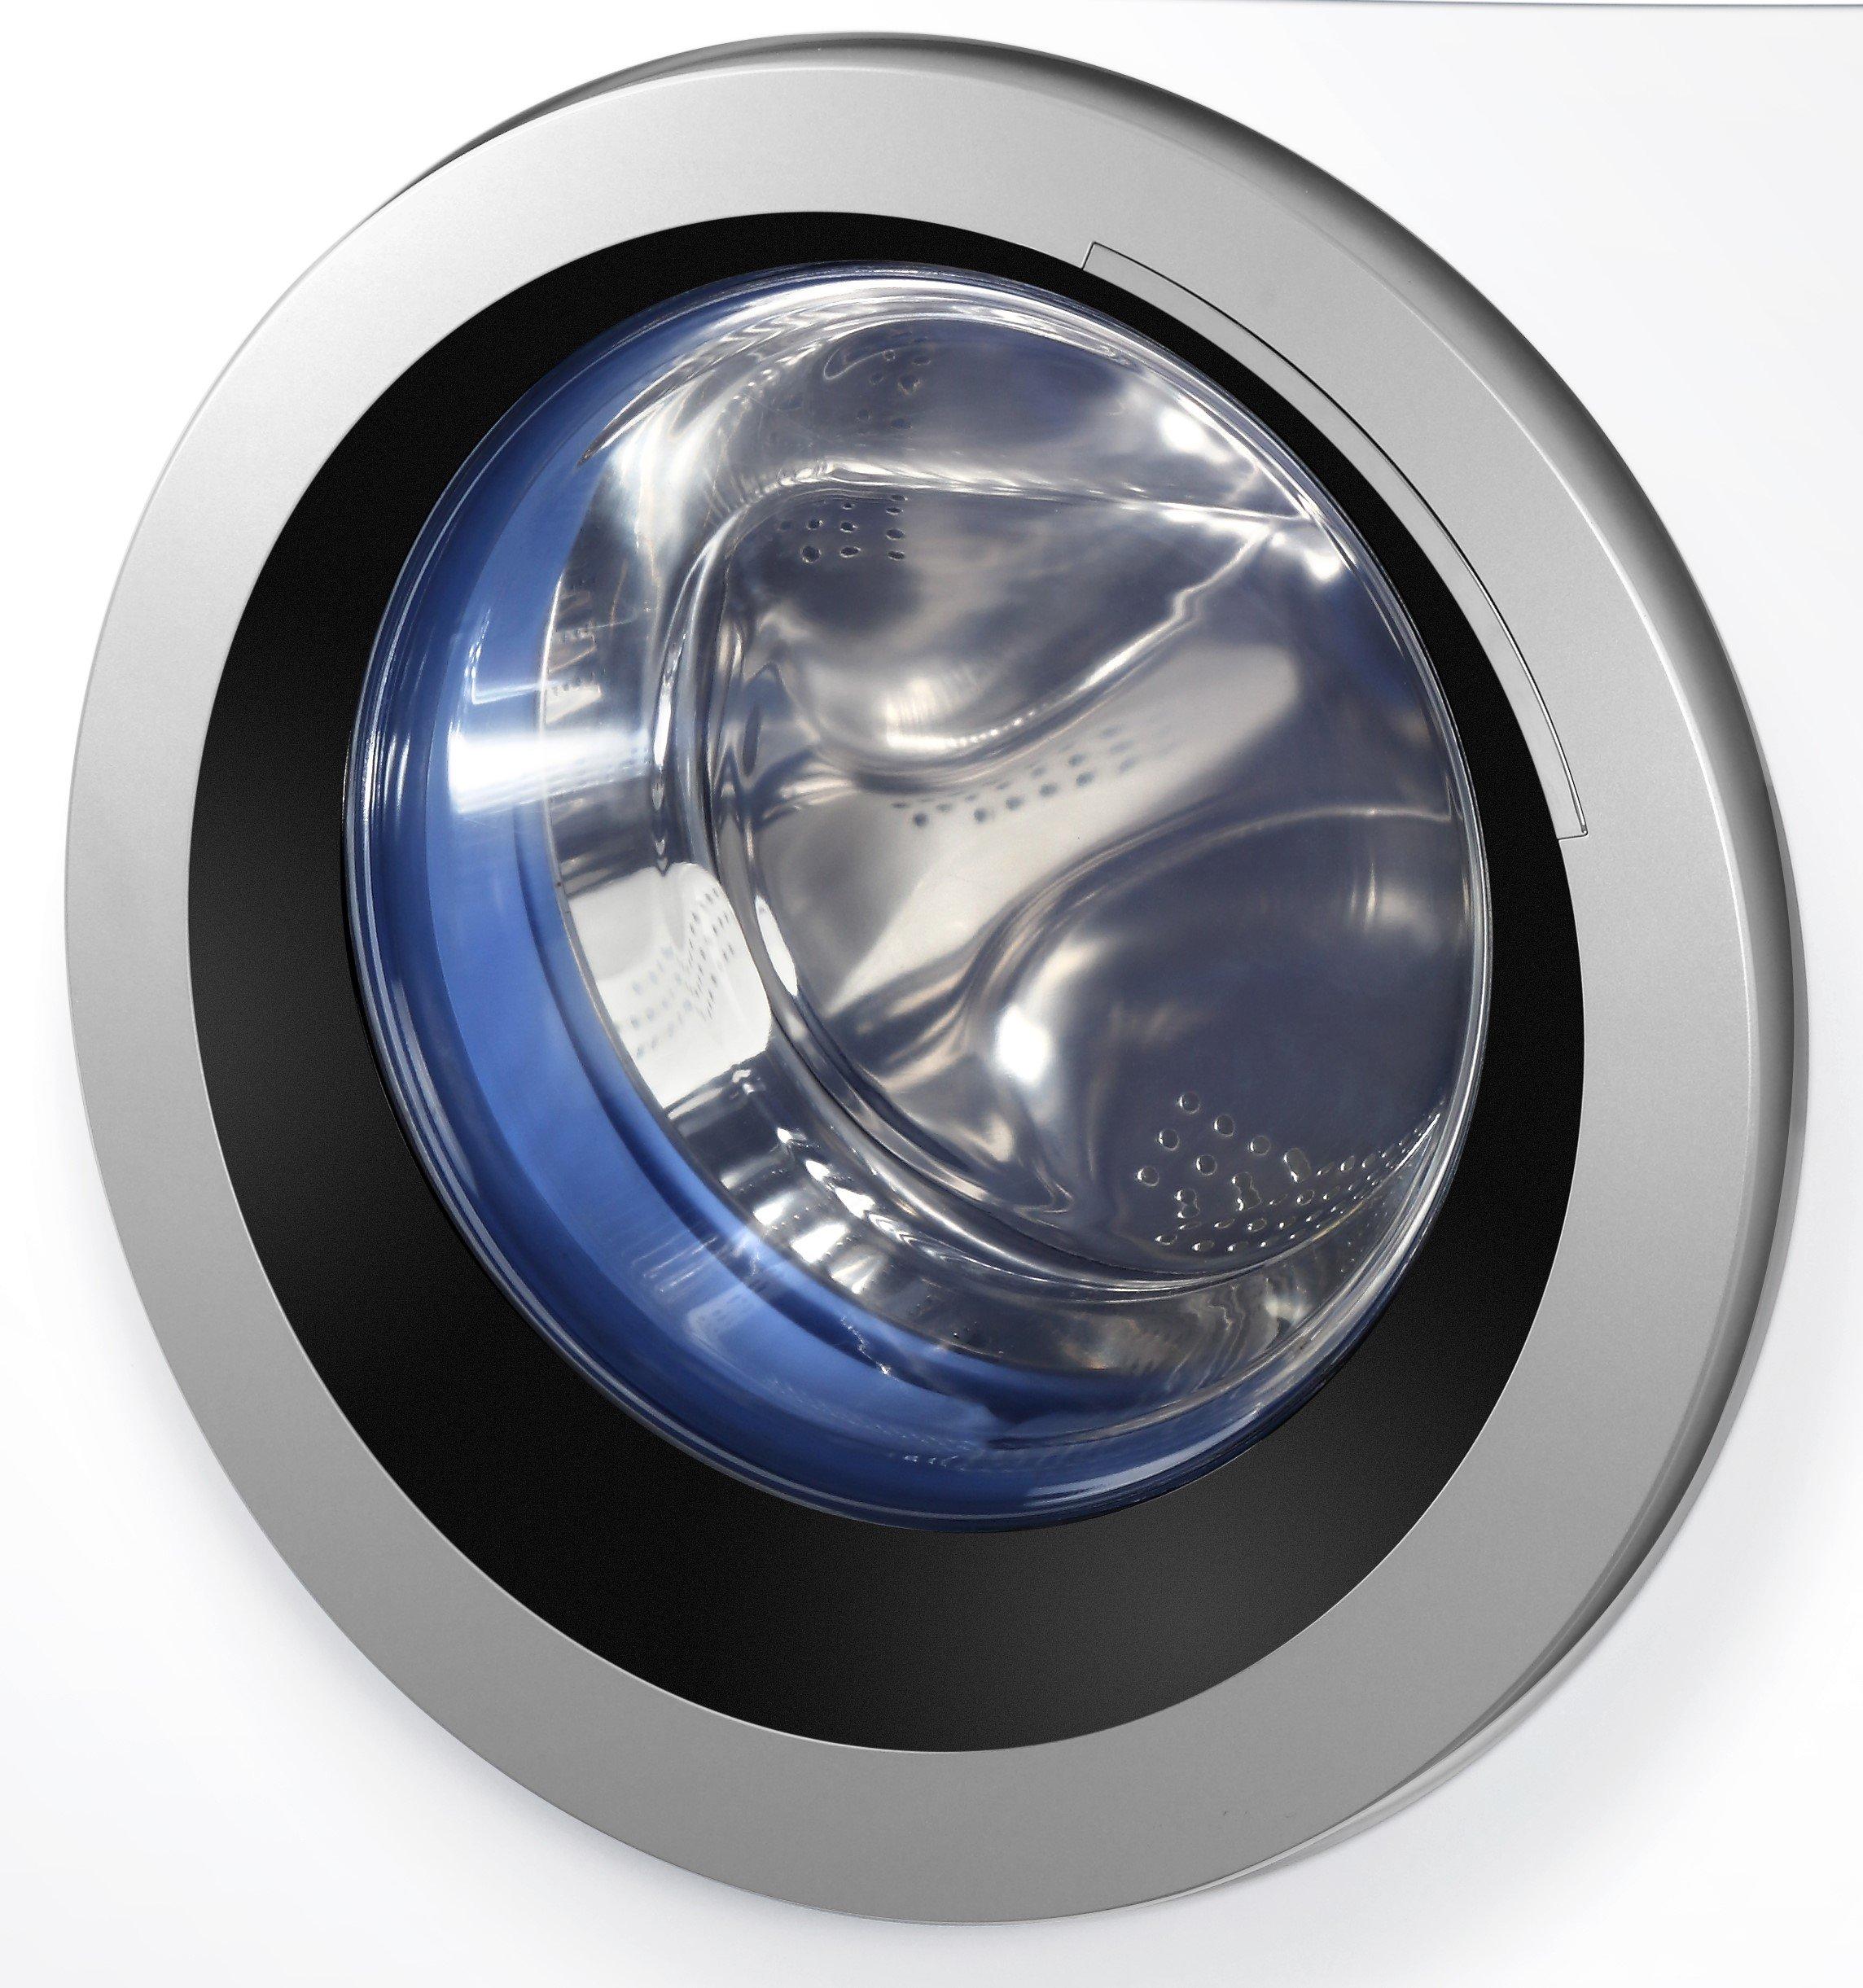 Haier-HW70-BP14636-Waschmaschine-FrontladerA-99-kWhJahr-1400-UpM-7-kgVollwasserschutzABTwei